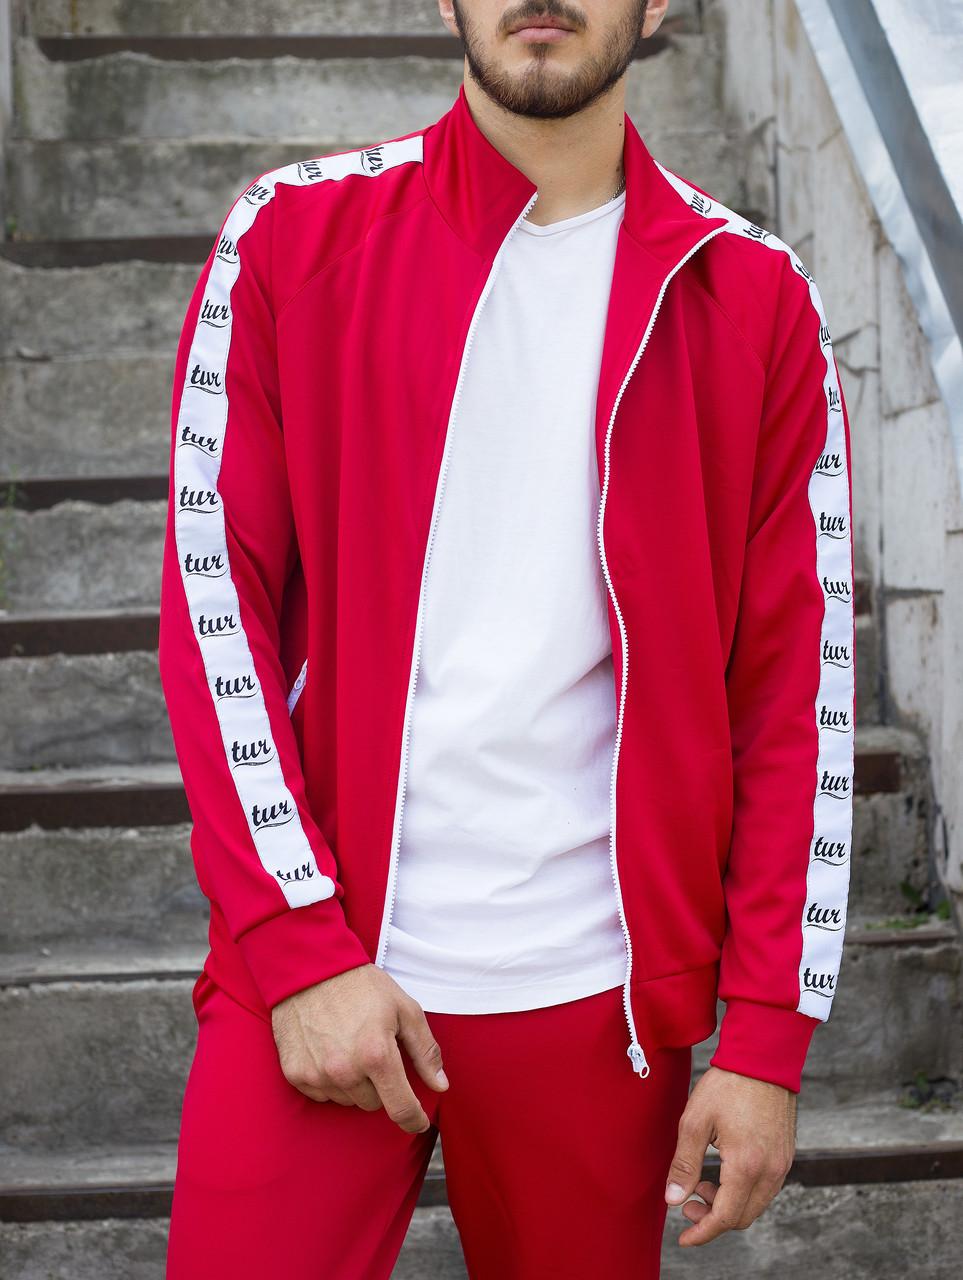 Олімпійка чоловіча червона модель Смоук (Smoke) від бренду ТУР розмір XS, S, M, L, XL